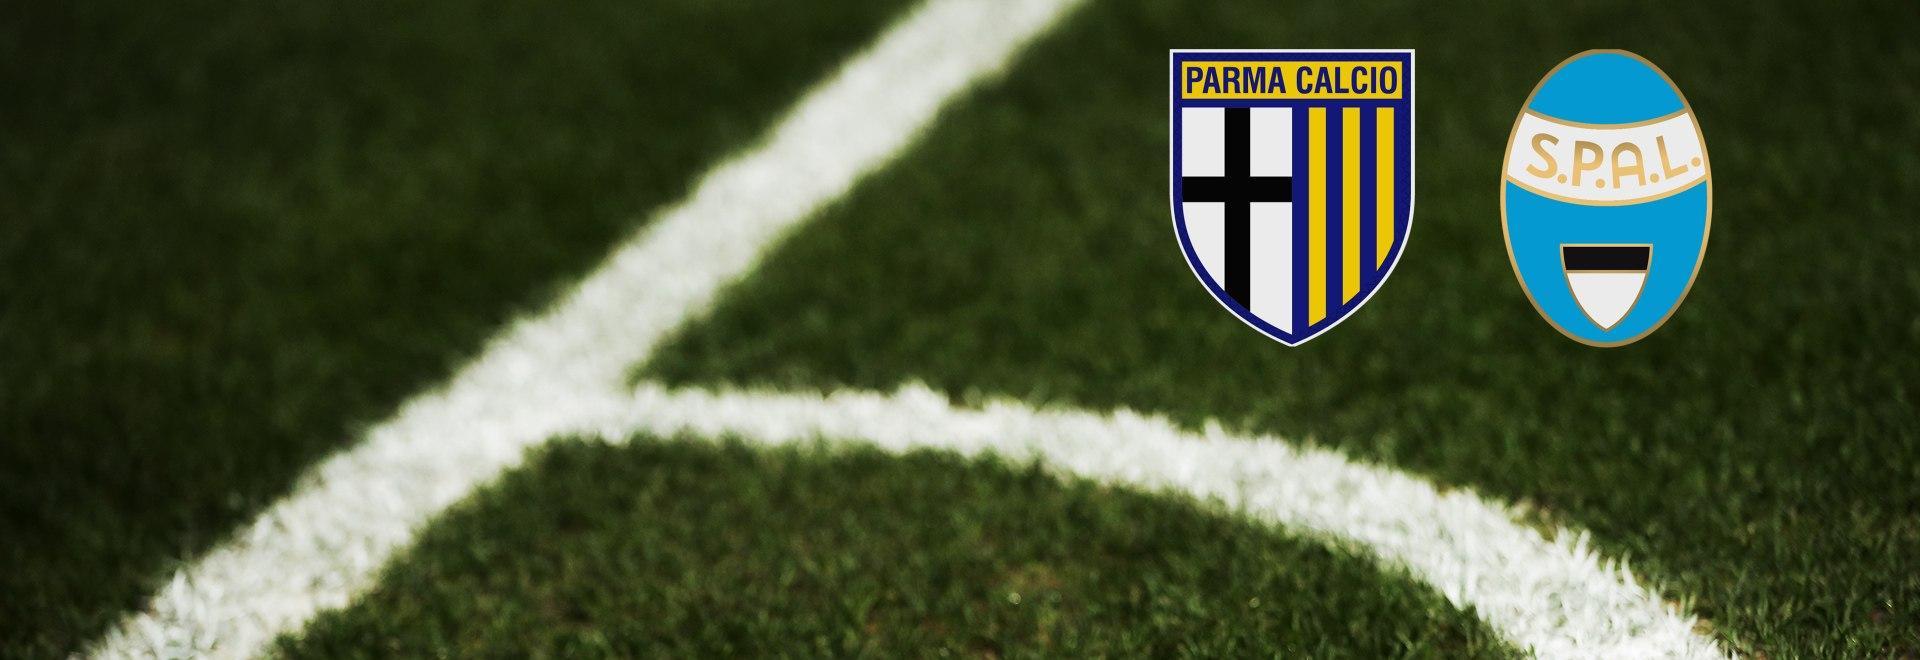 Parma - Spal. 26a g.